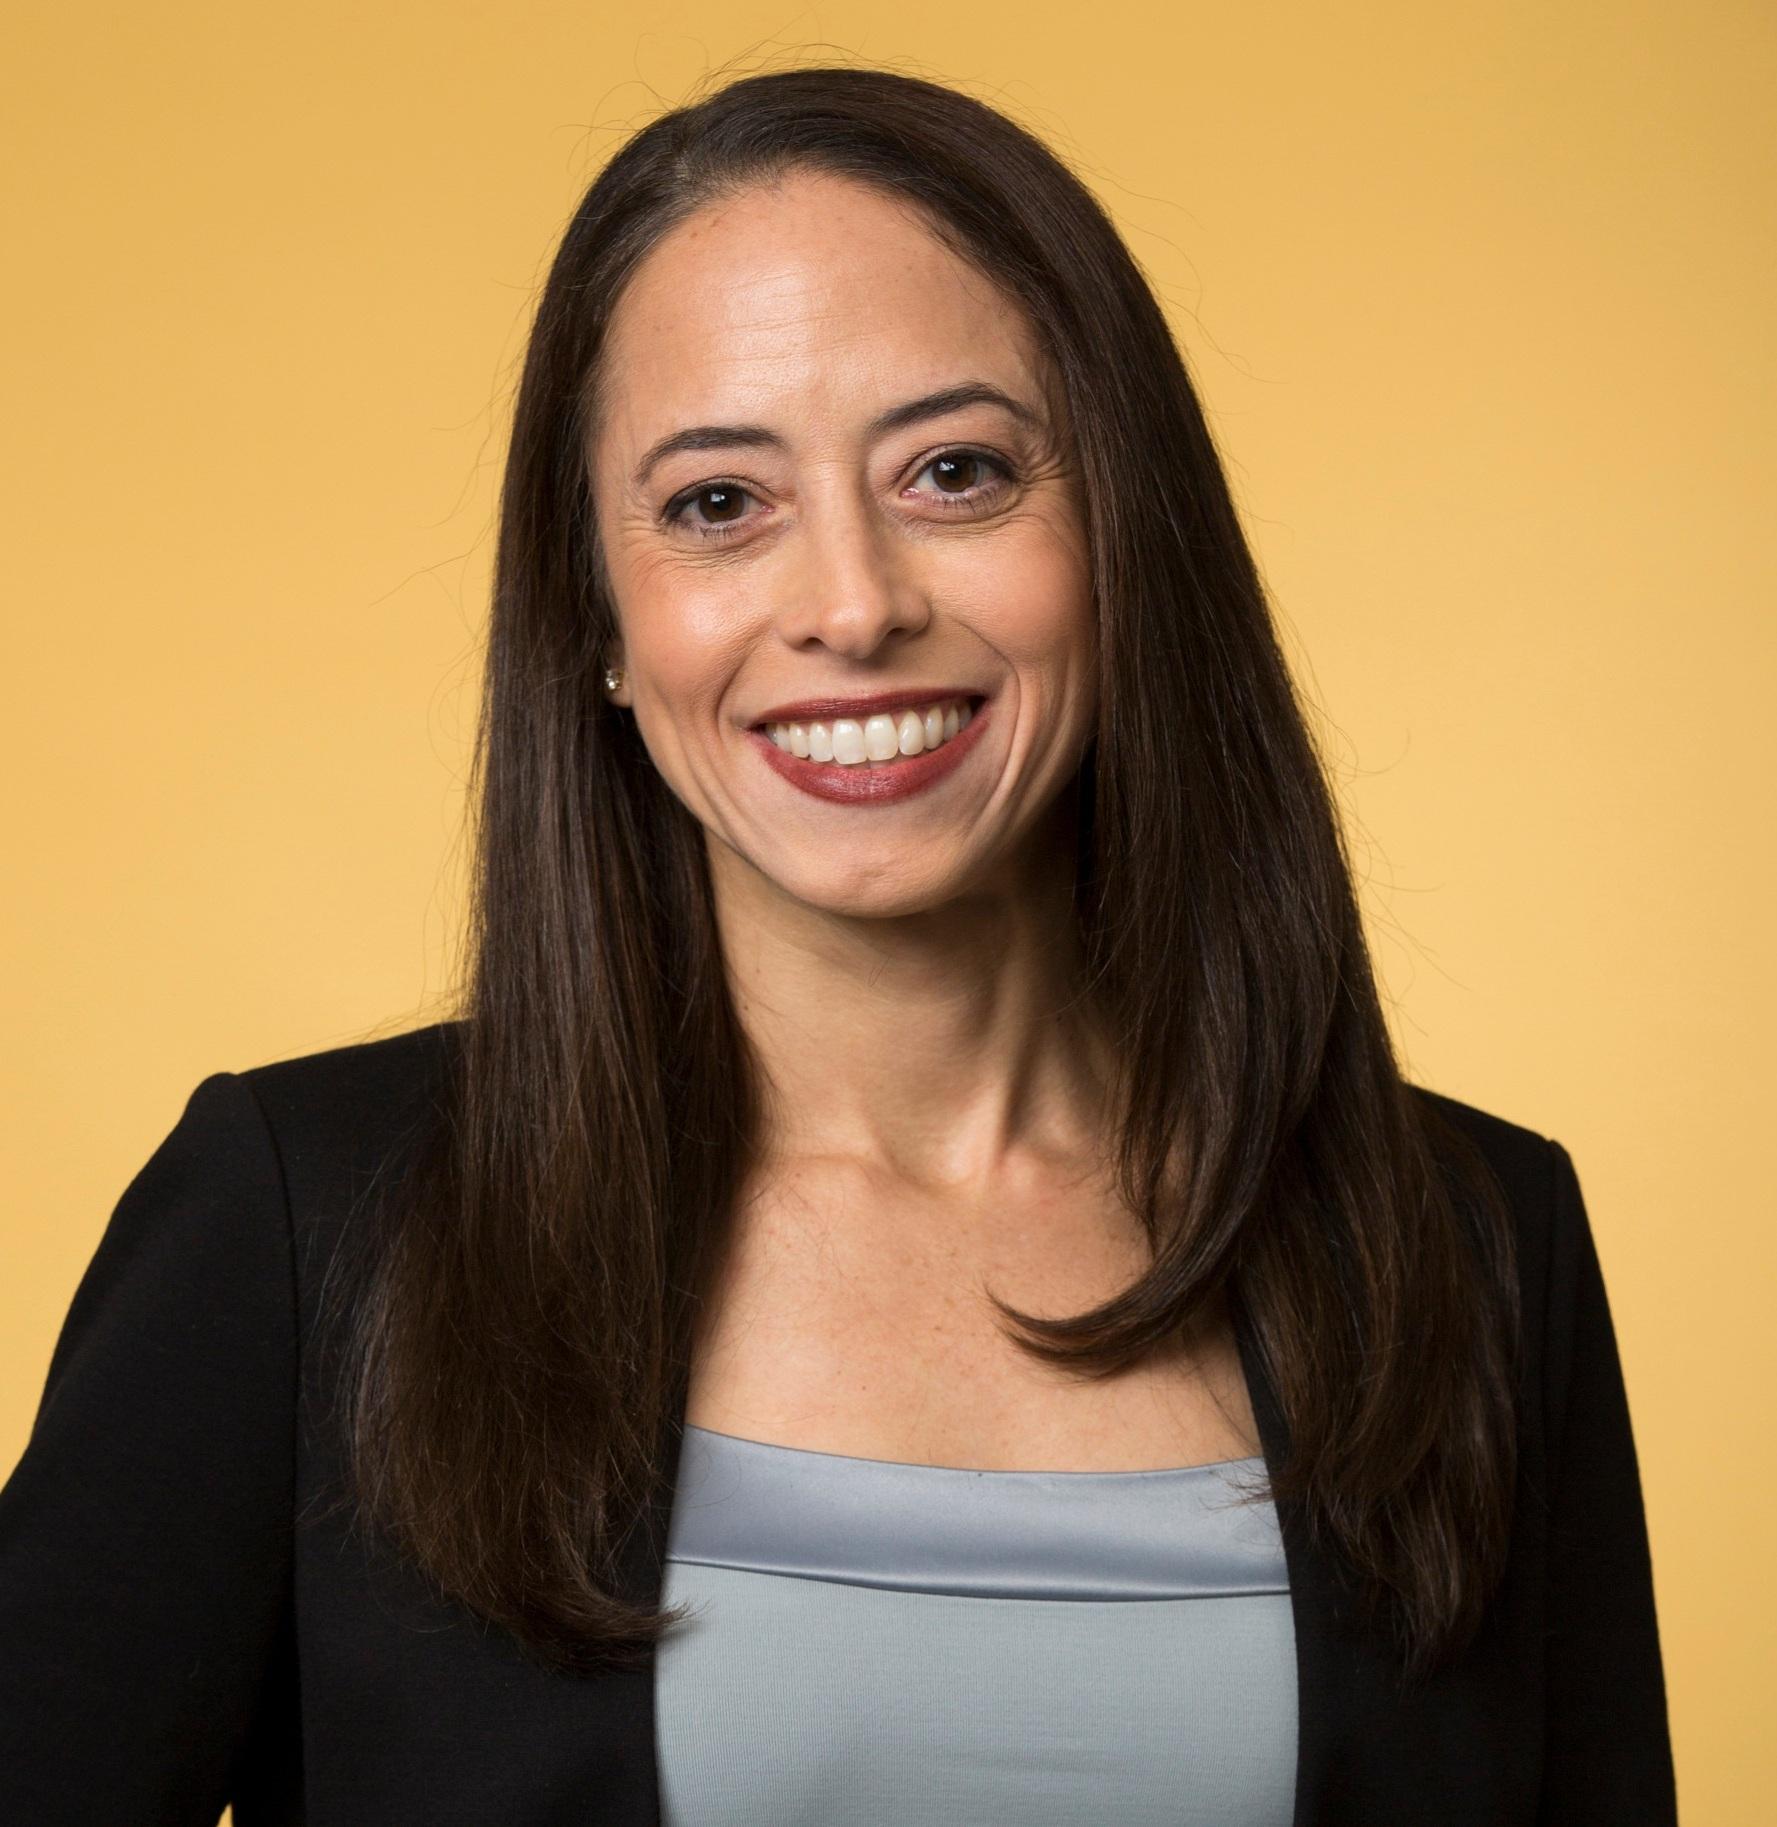 Alexandra Nicola, Advancing Women Executives Accelerator Participant